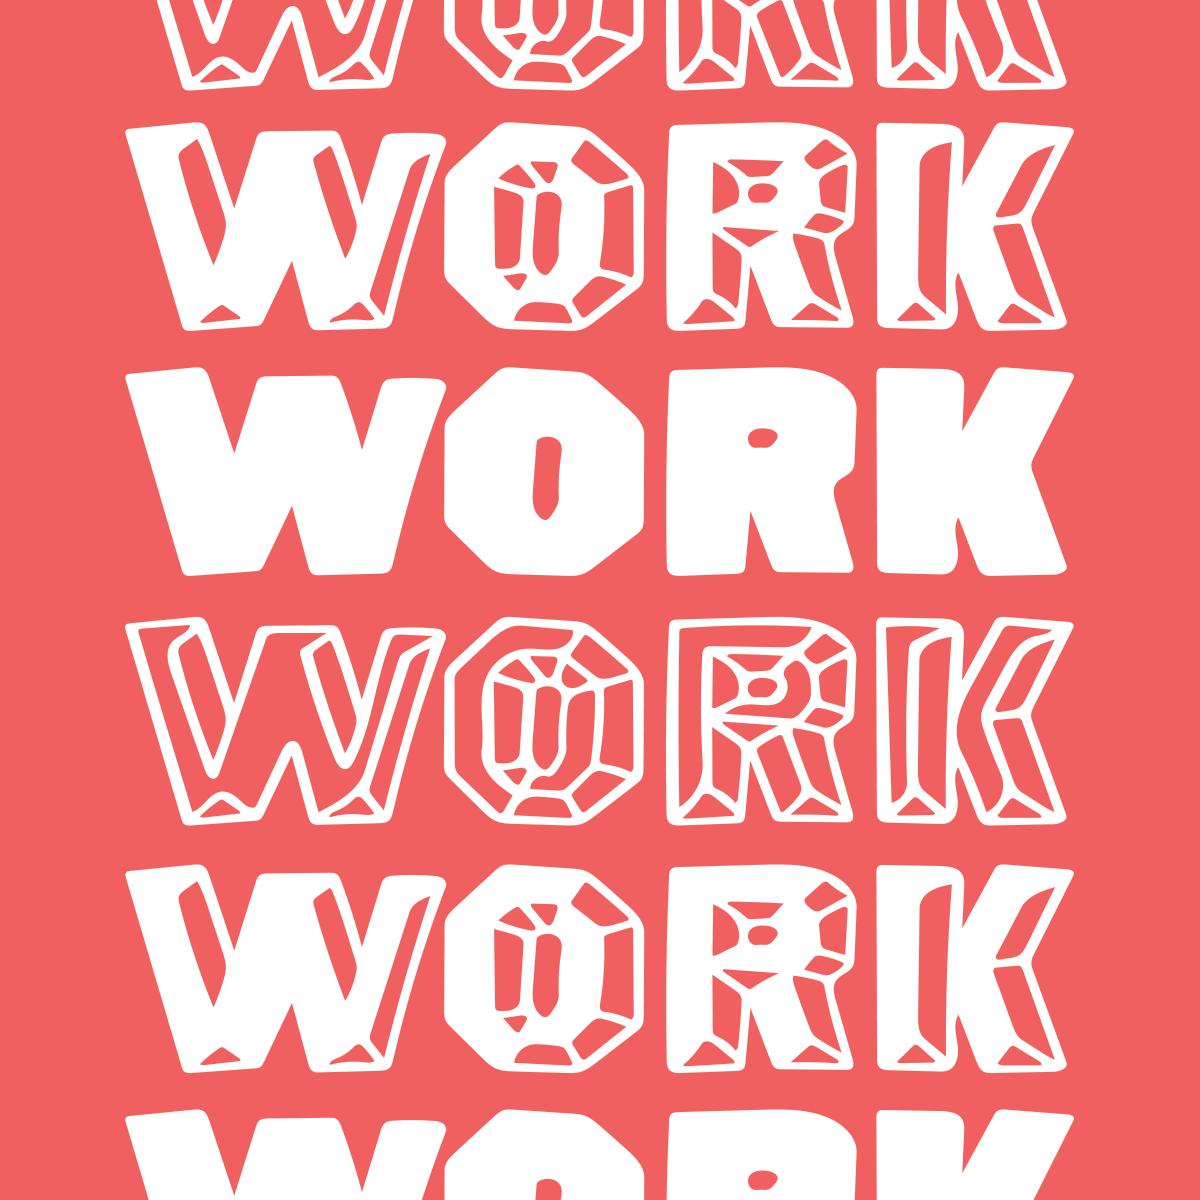 Work Work Work by Pace Creative Design Studio